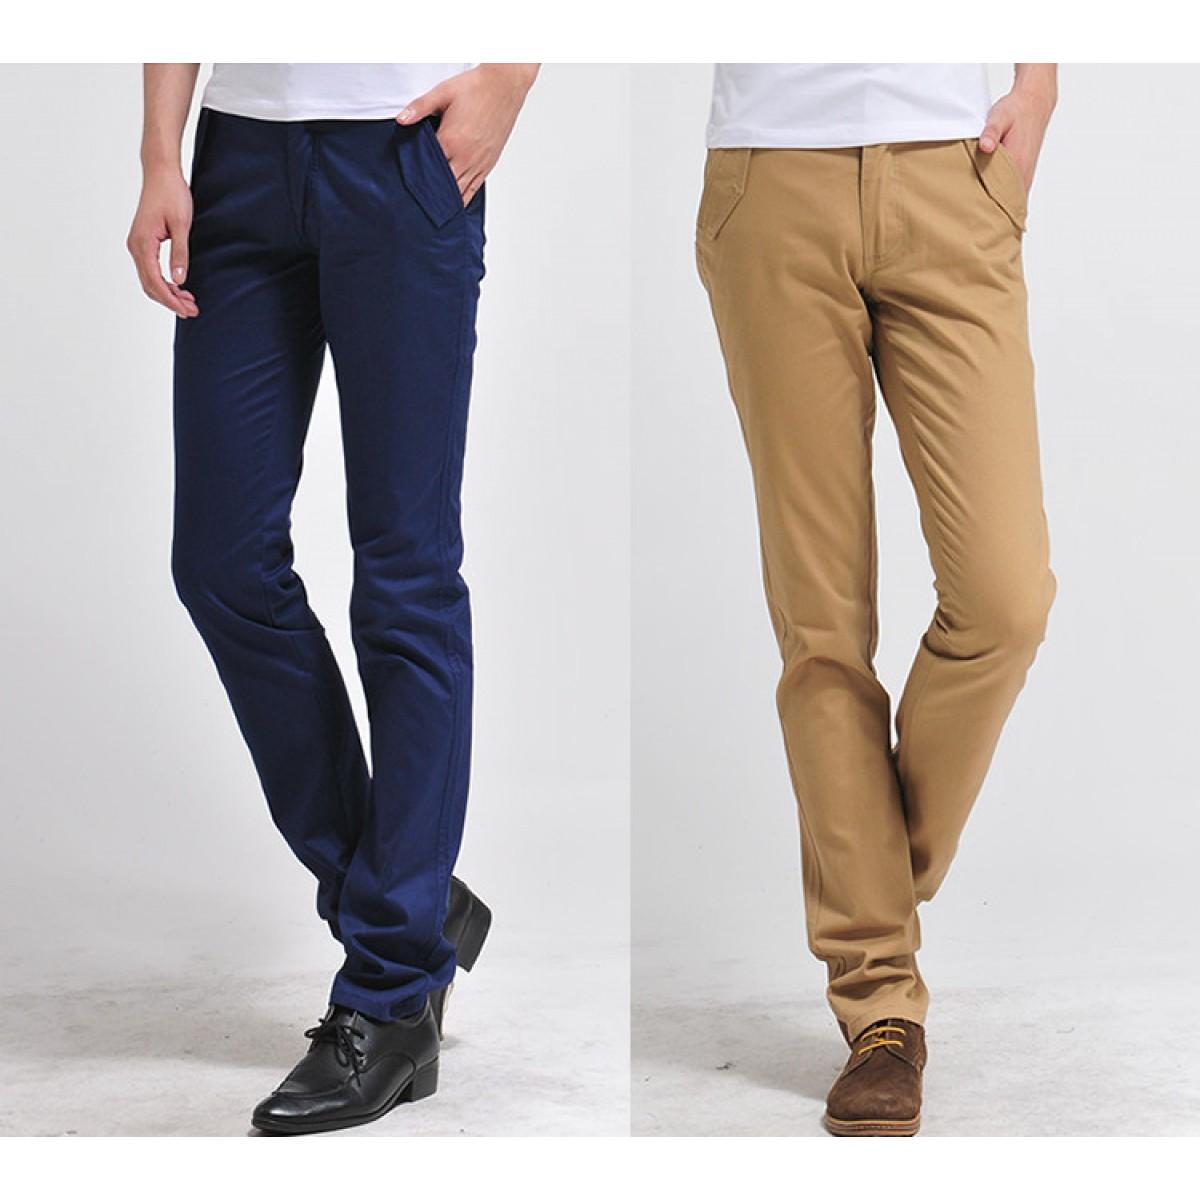 Erkek klasik dar paça pantolon çeşitleri